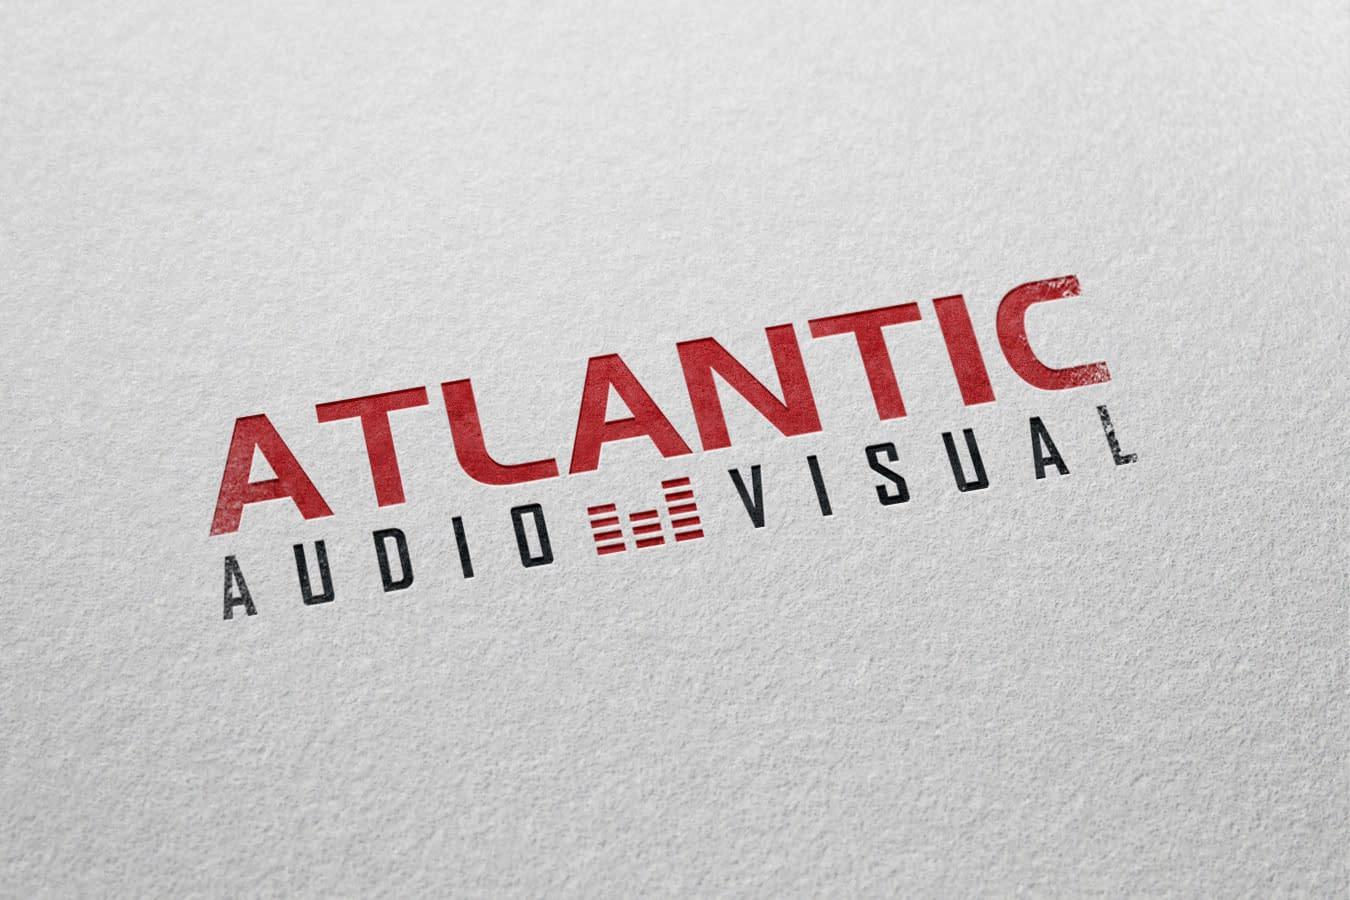 logos_atlanticav